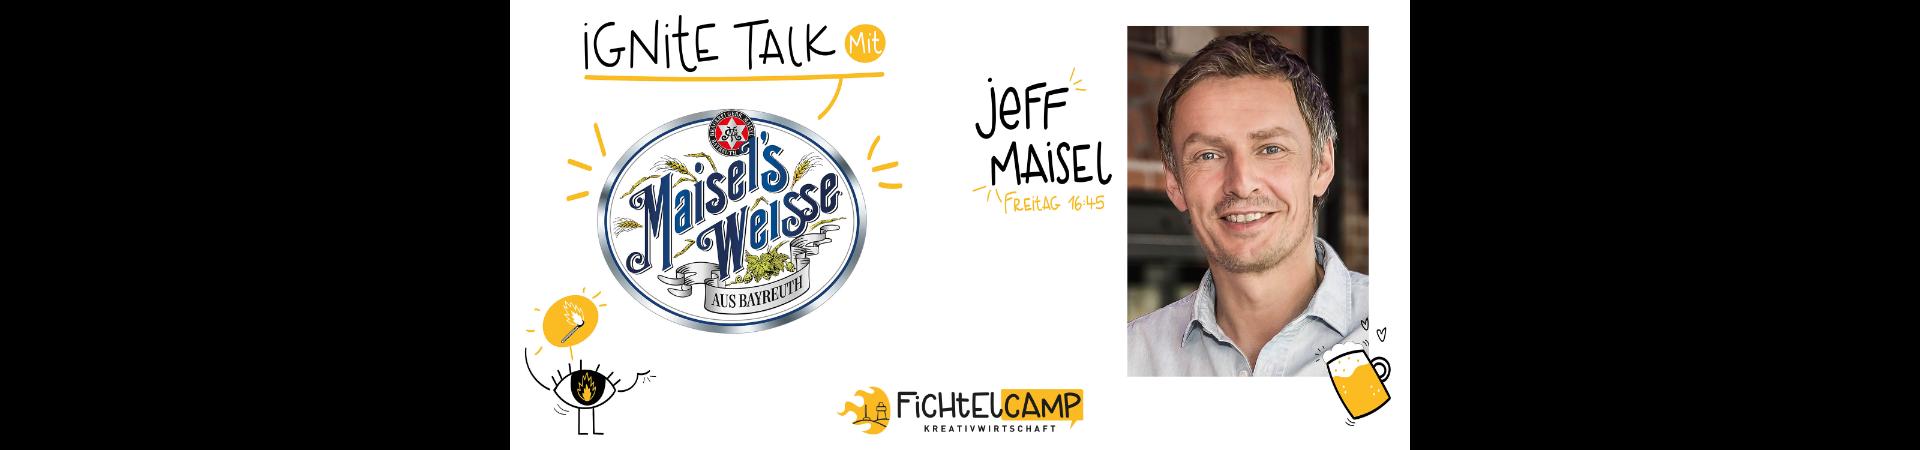 Ignite Talk mit Jeff Maisel, Inhaber der Gebr. Maisel Brauerei, Bayreuth